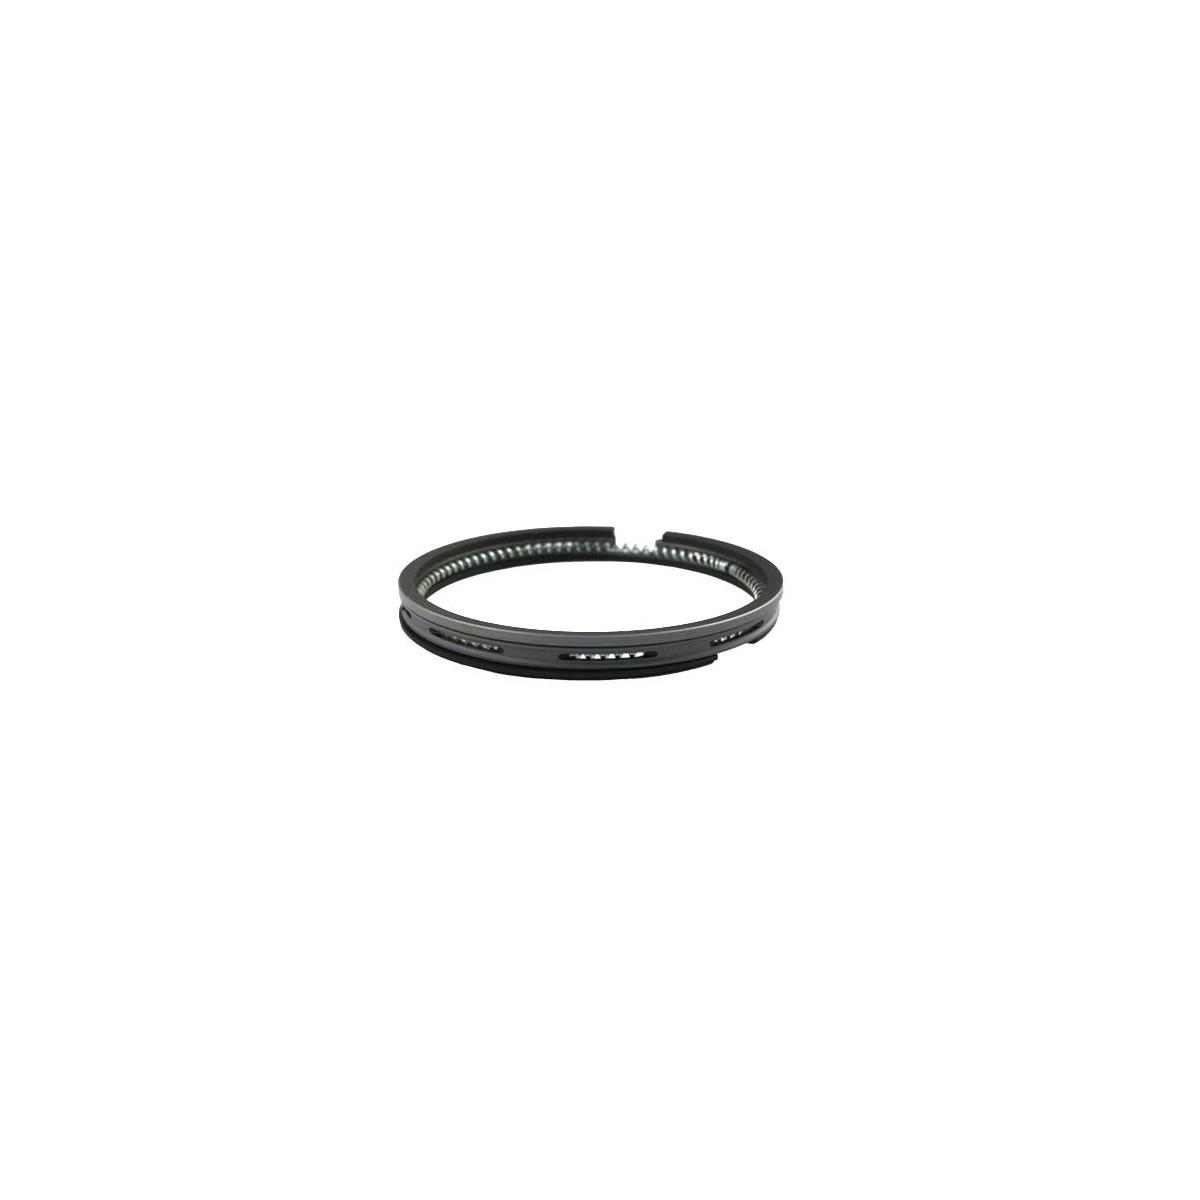 Piston Ring Set Kubota B7001 68mm